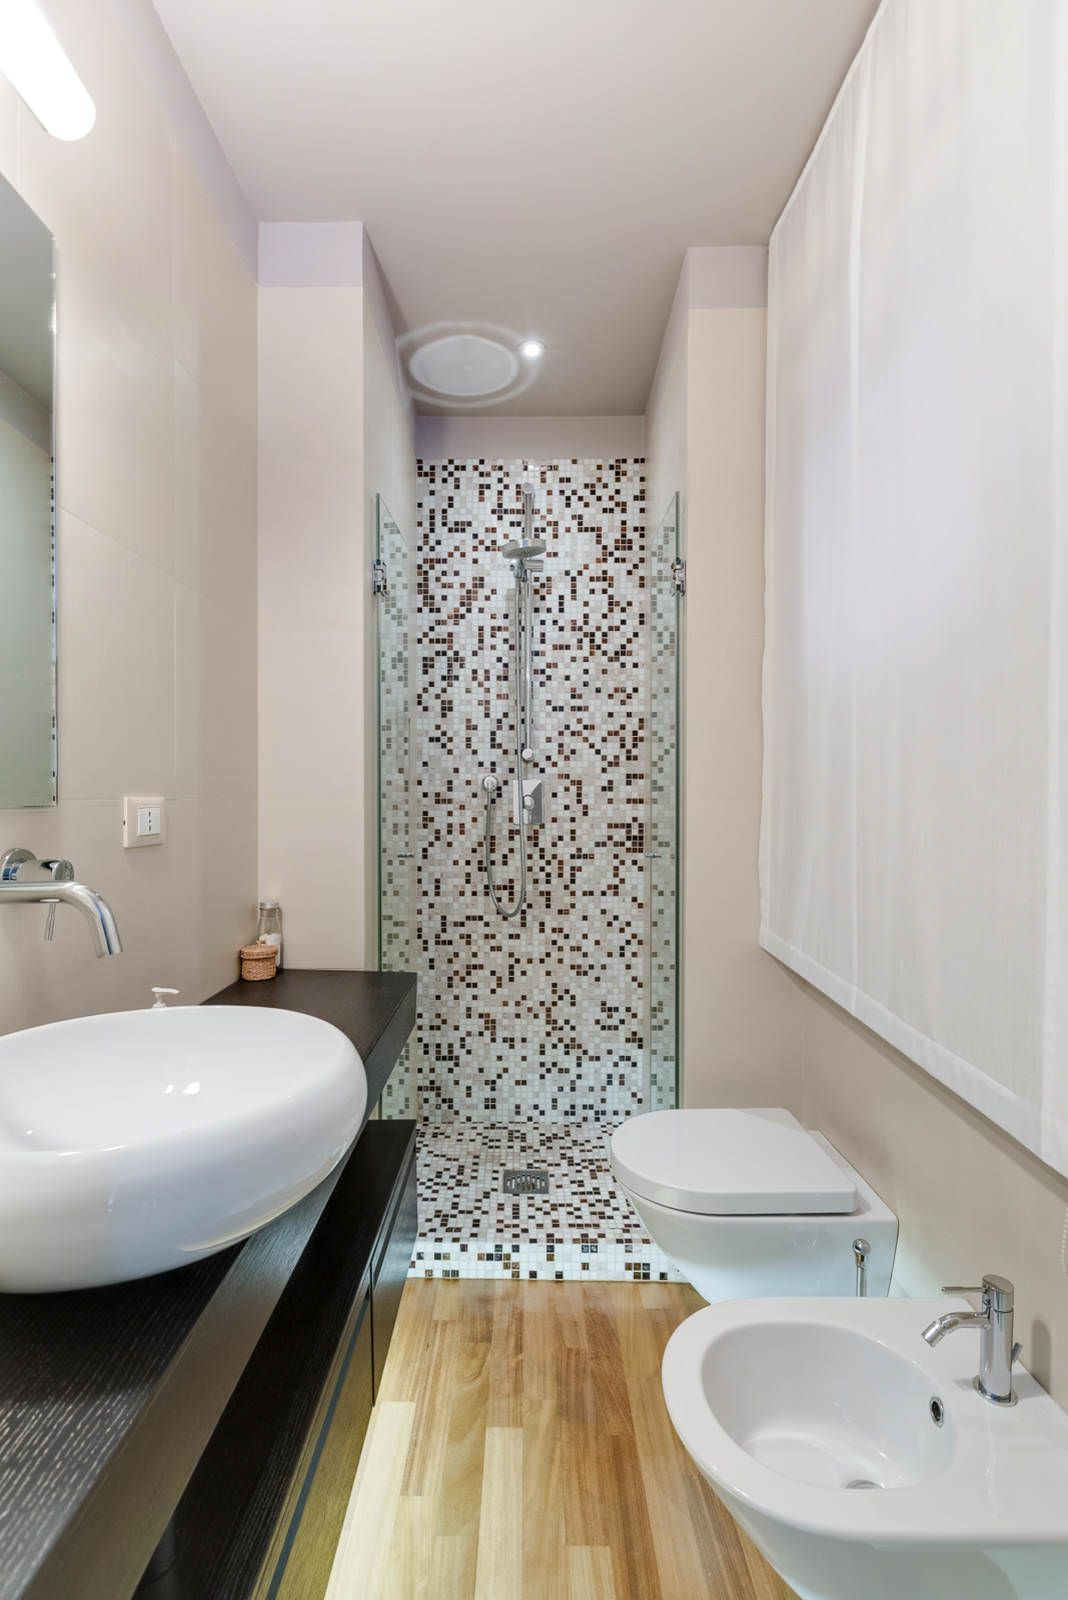 Mosaico bagno 100 idee per rivestire con stile bagni moderni e classici bagno piccolo - Design bagno piccolo ...